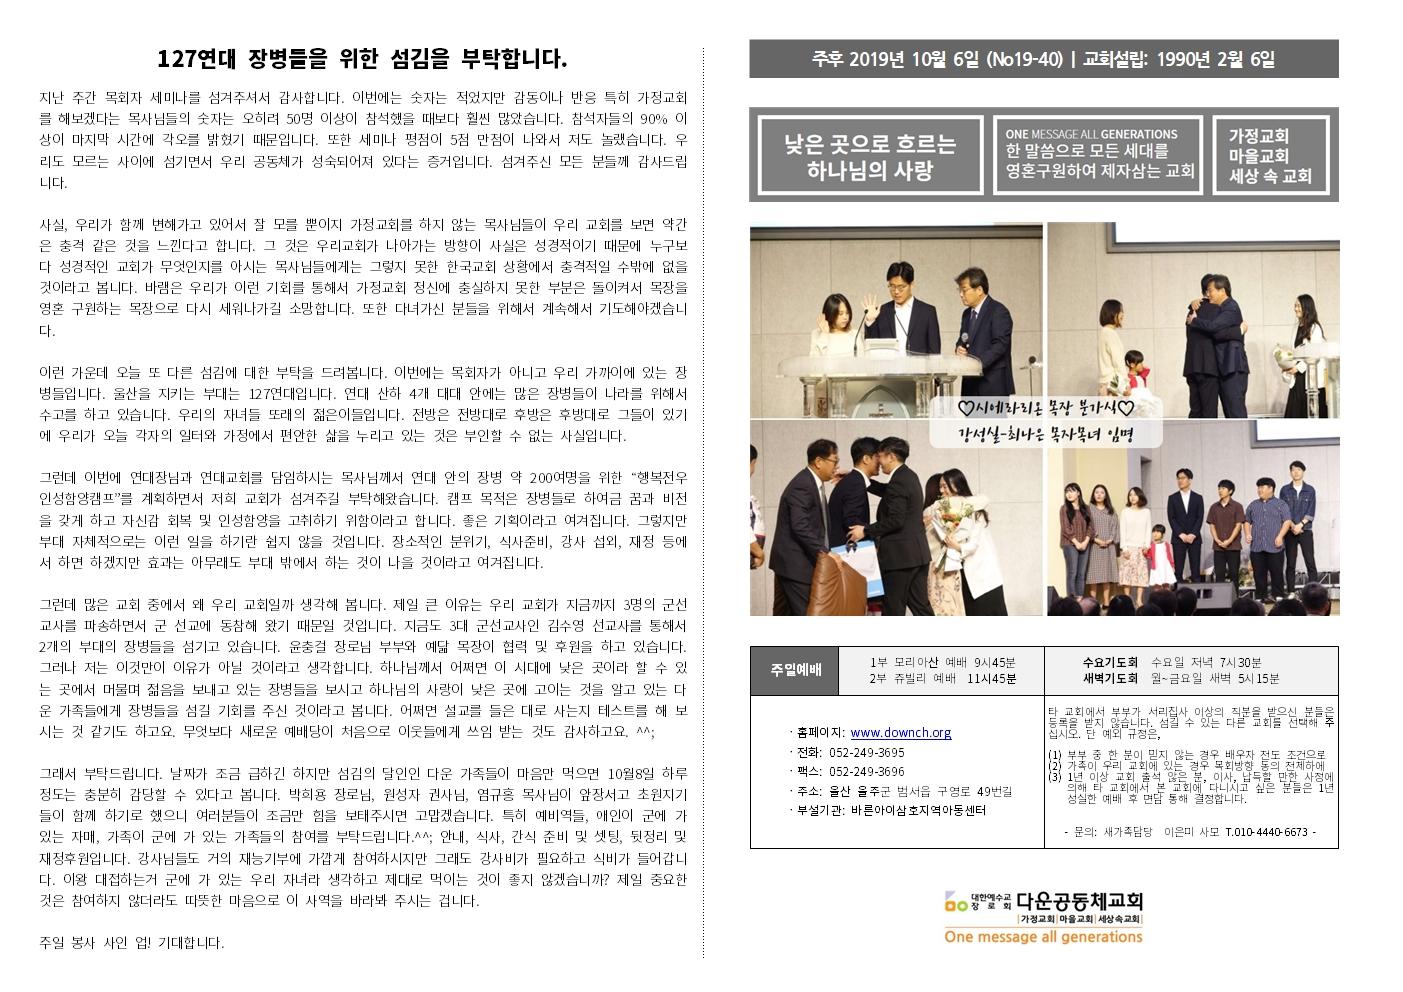 001_구영리교회주보_2019_09-10월011.jpg